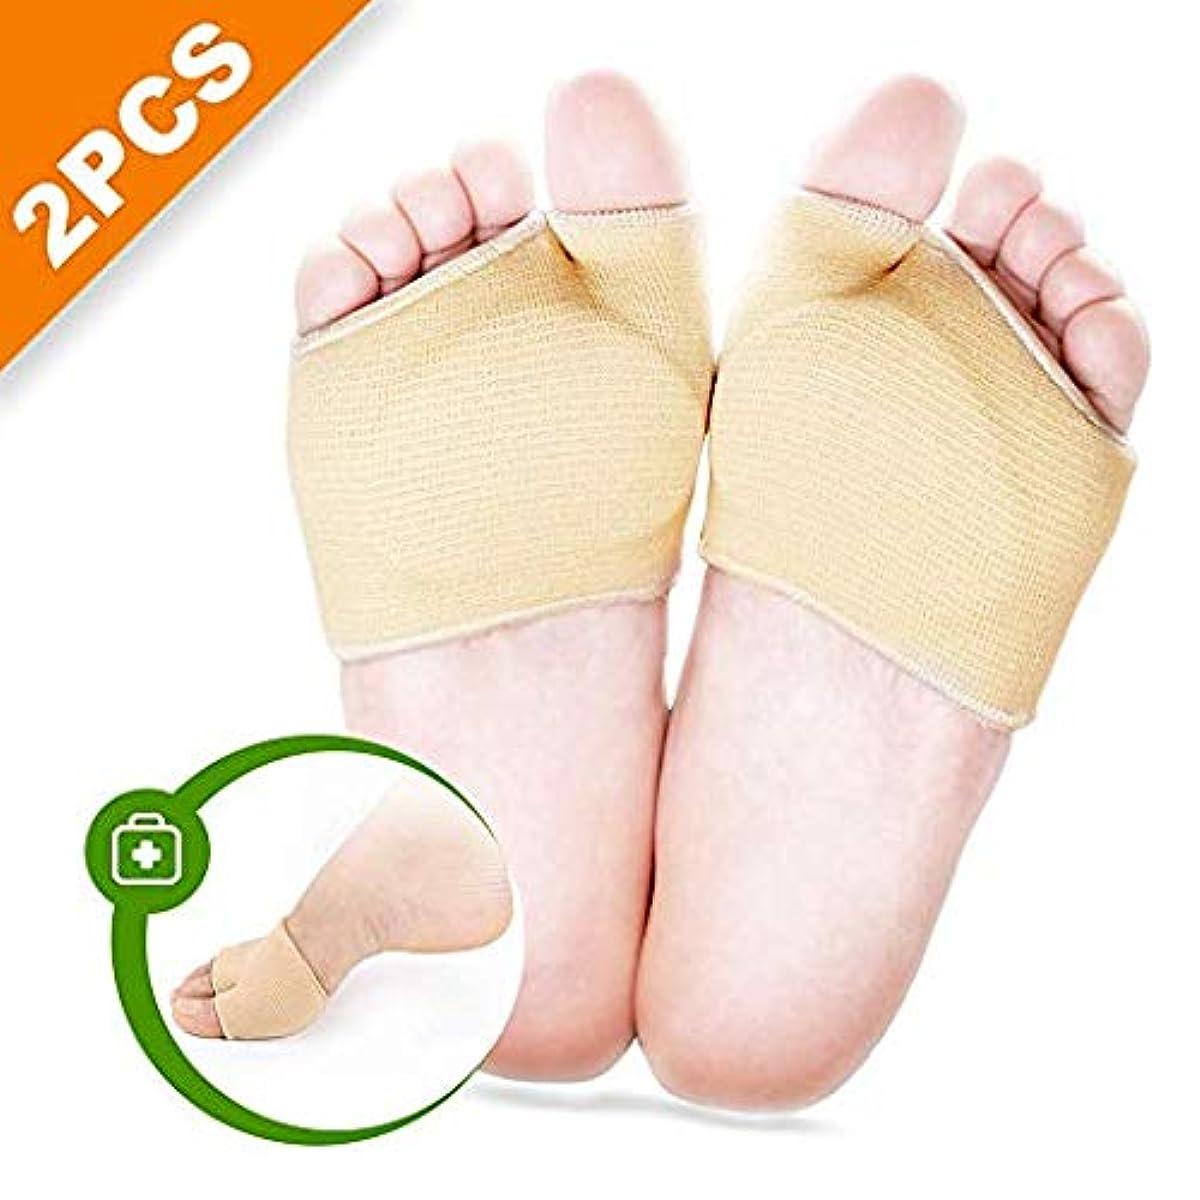 マリナー要求する襟女性+男性用の銅圧縮中足パッド。 神経腫、中足骨嚢炎カルス用の最高の銅製フットパッドボールジェルクッションを保証。